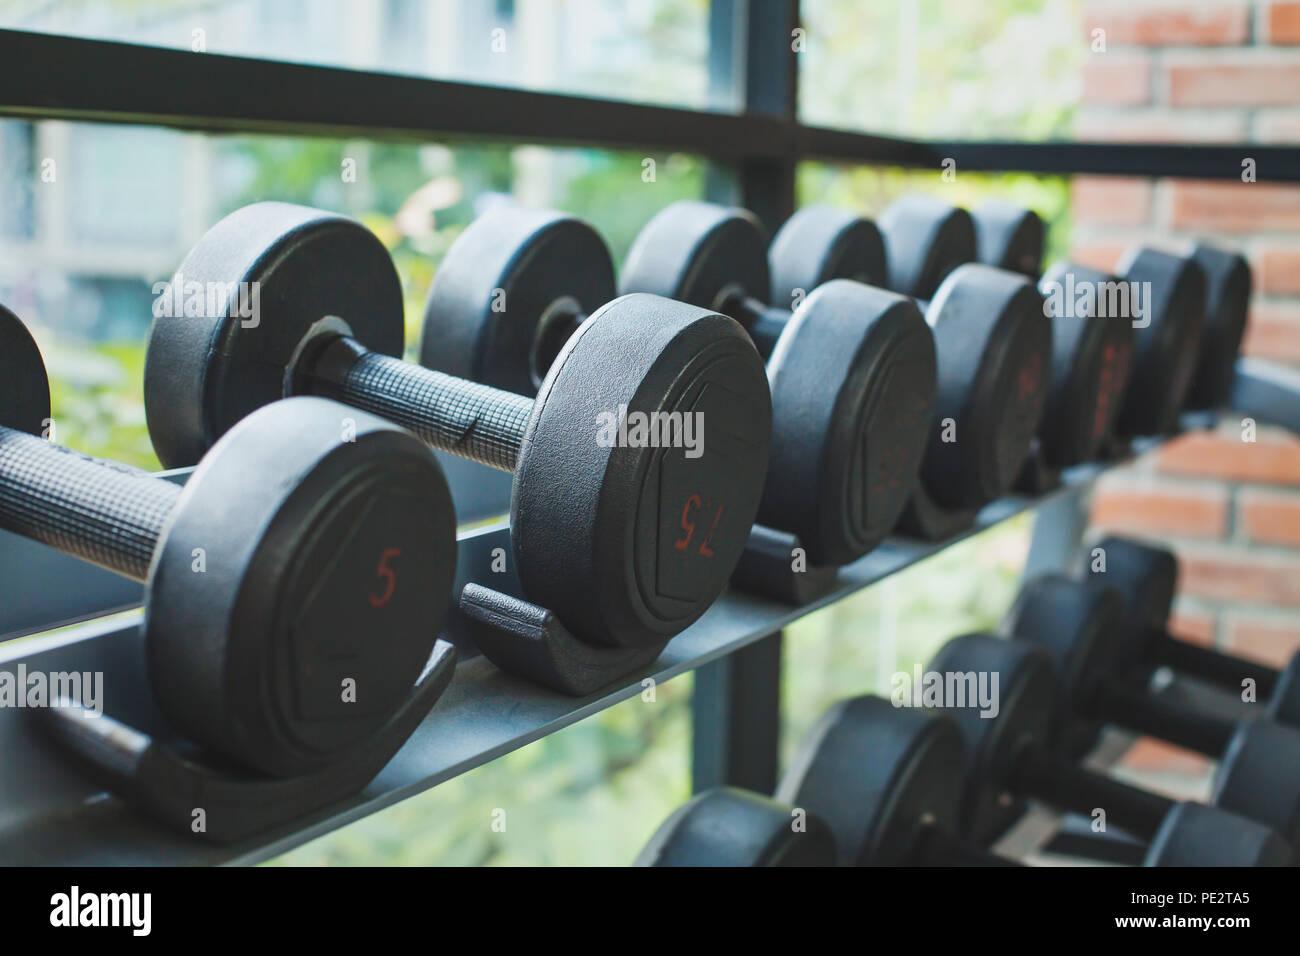 dumbbells in fitness center - Stock Image